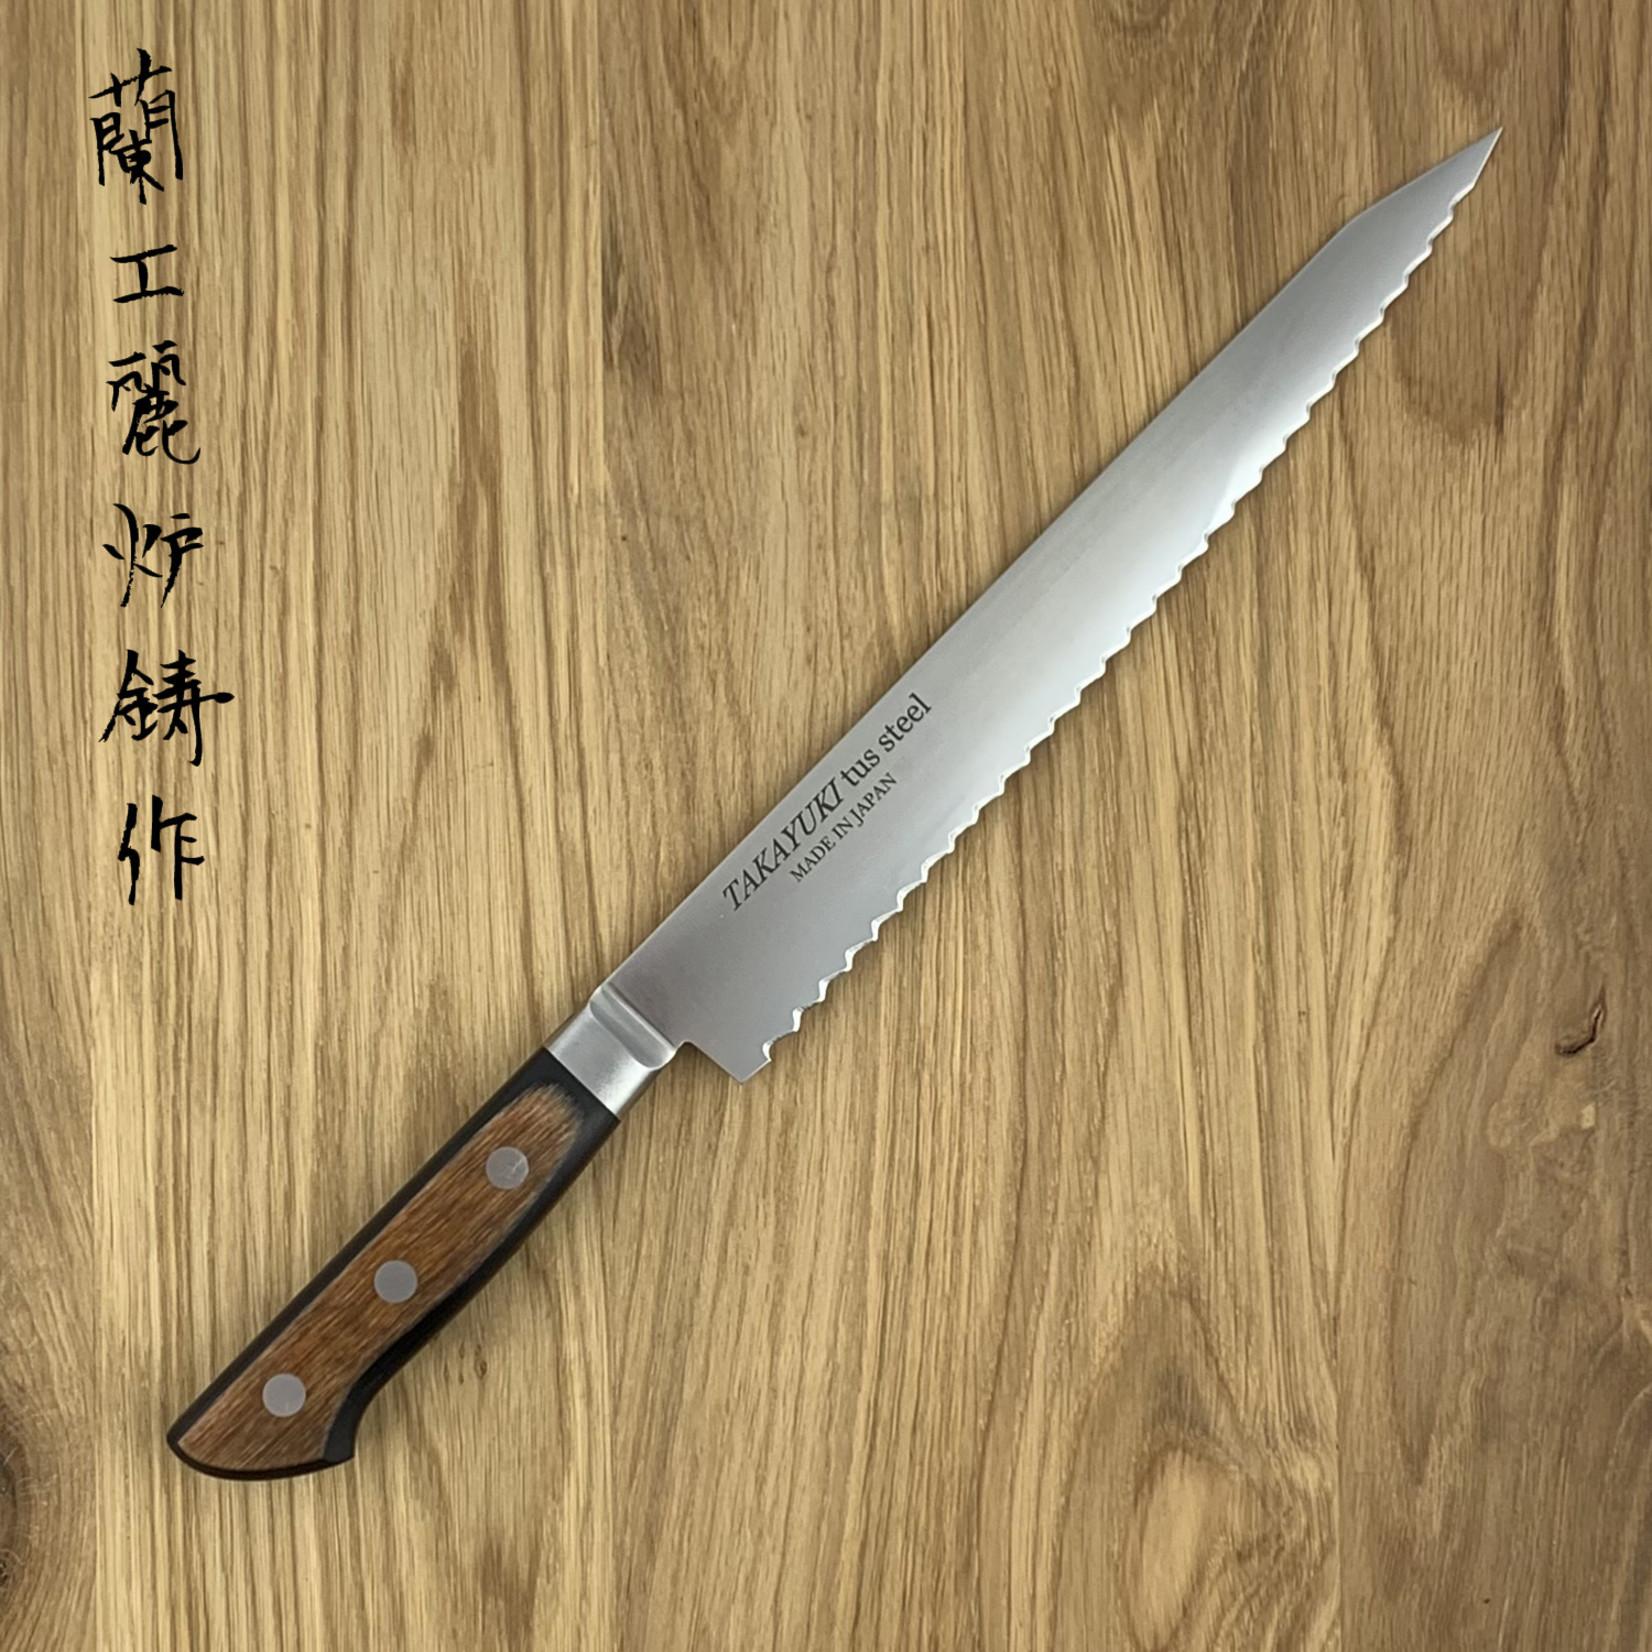 SAKAI TAKAYUKI TUS Slicer bread 270 mm